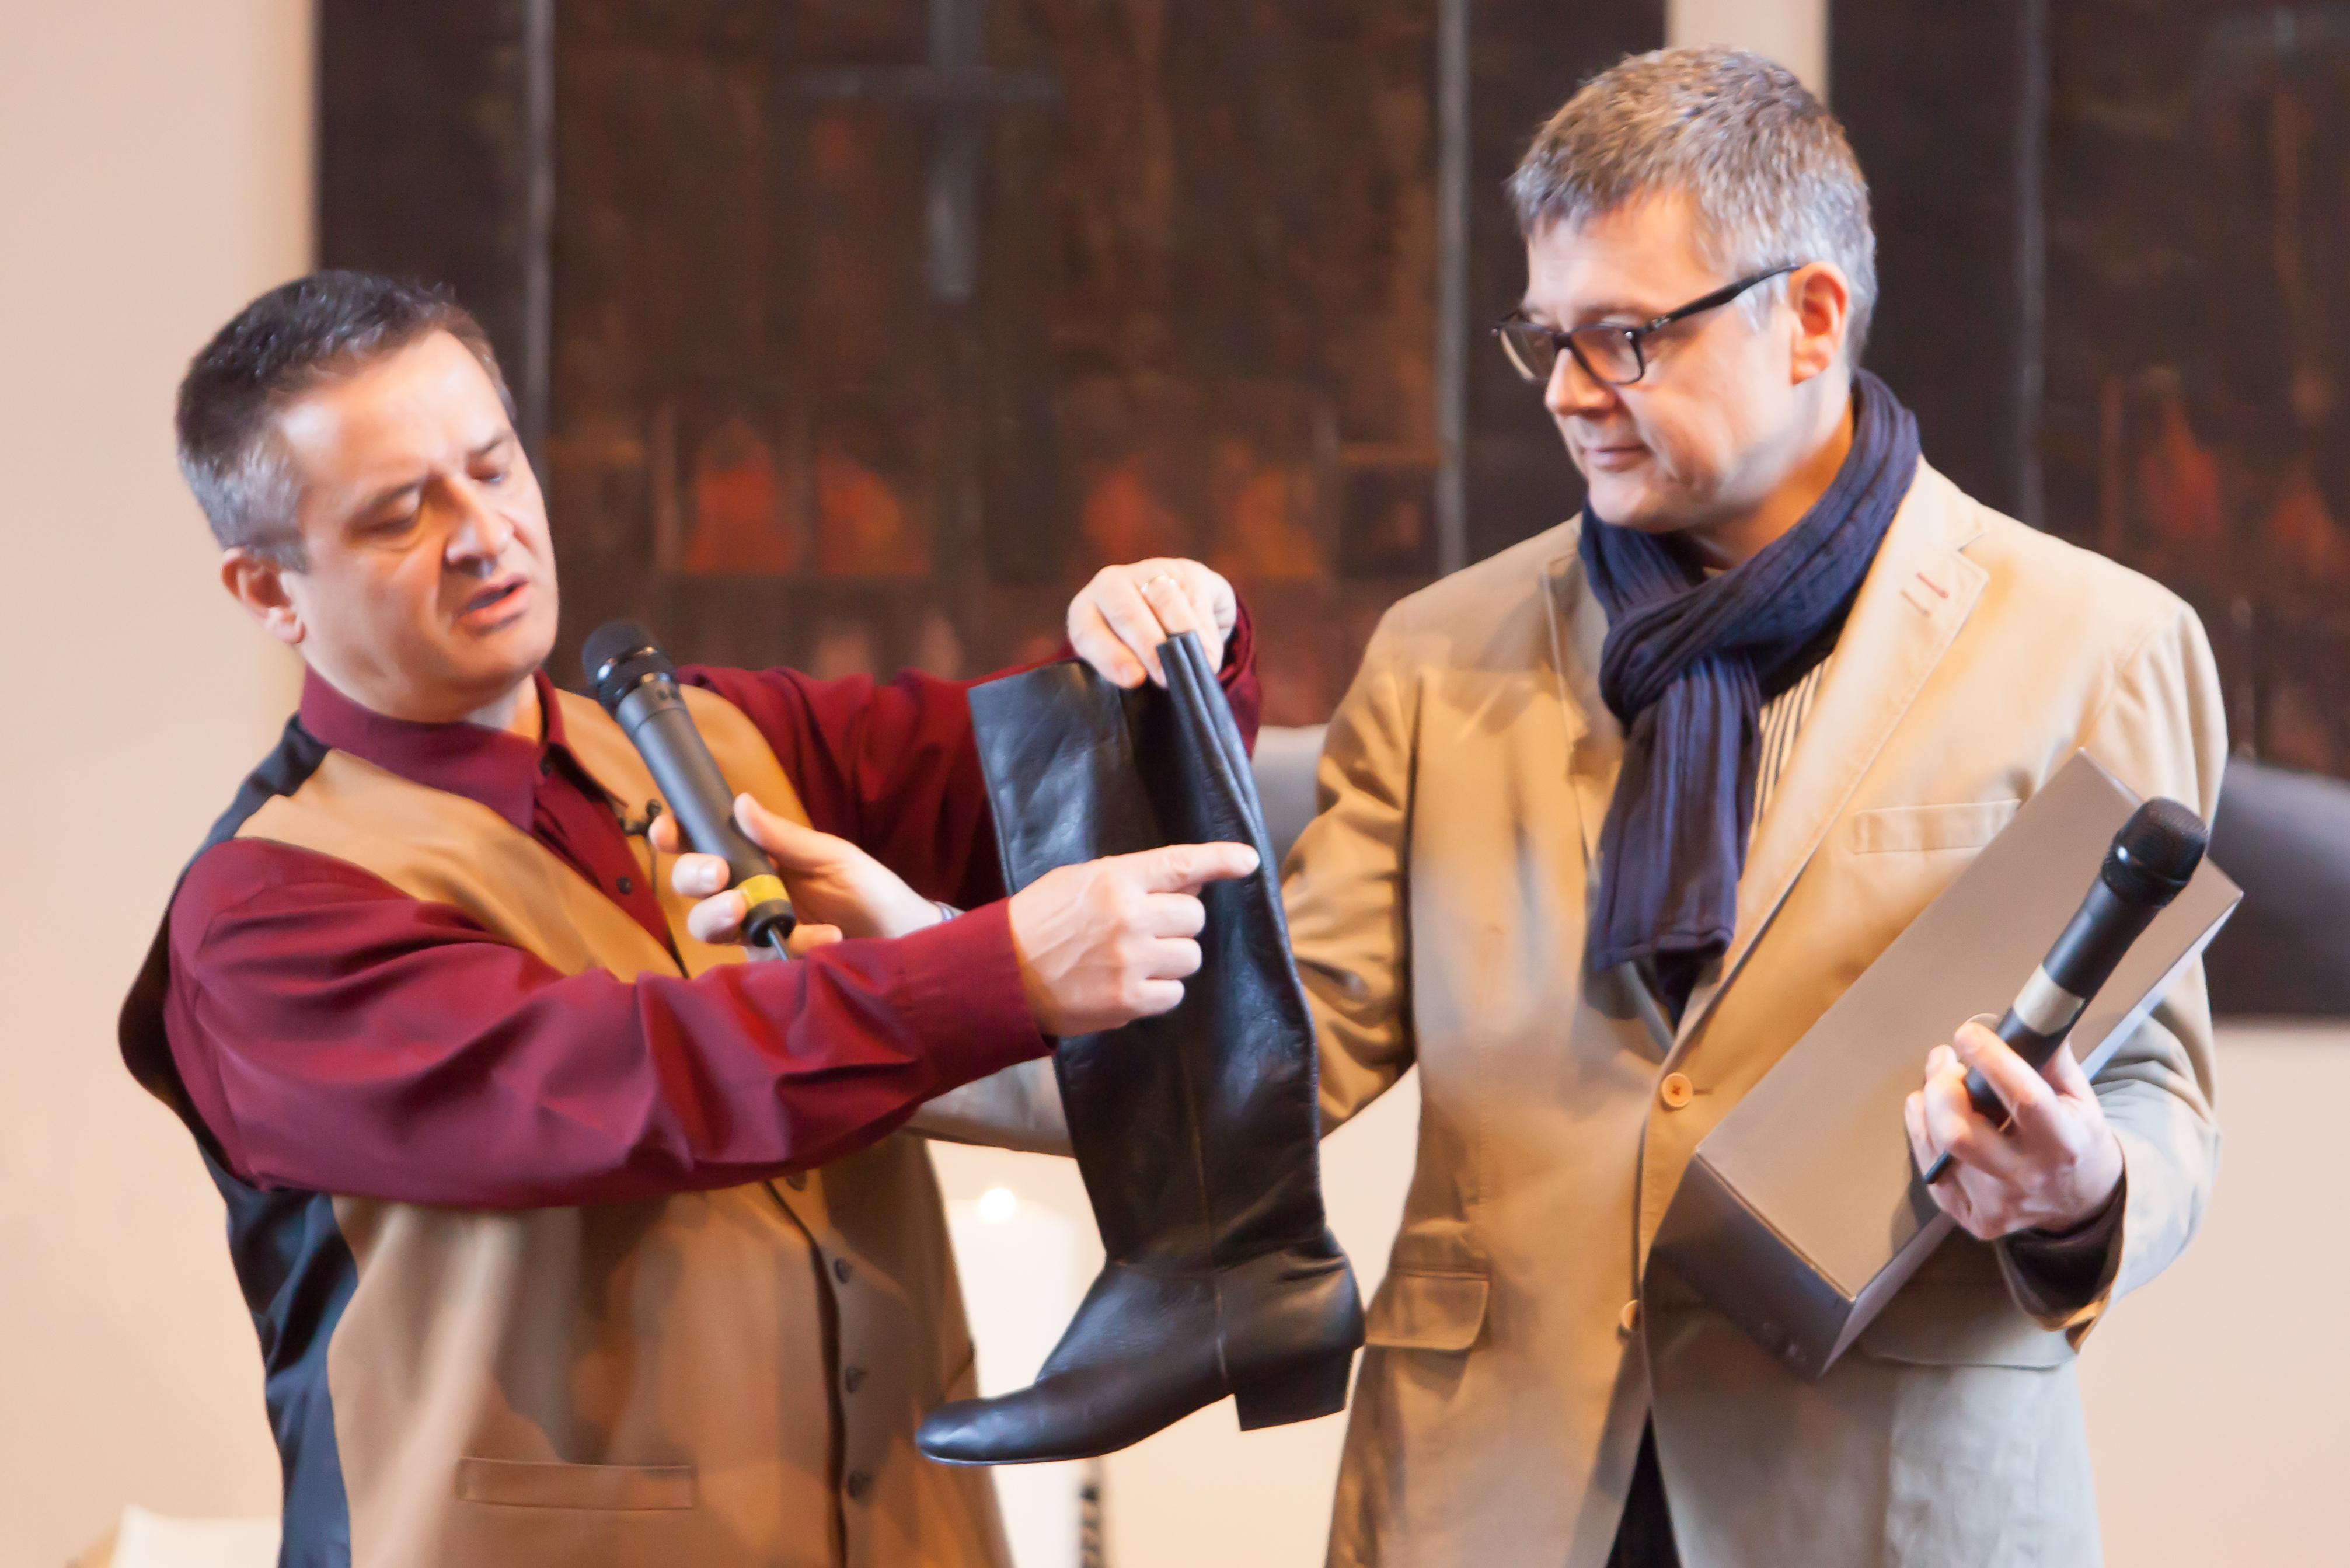 zwei Männer, einer hält einen Stiefel, zeigt mit Finger auf eine Stelle